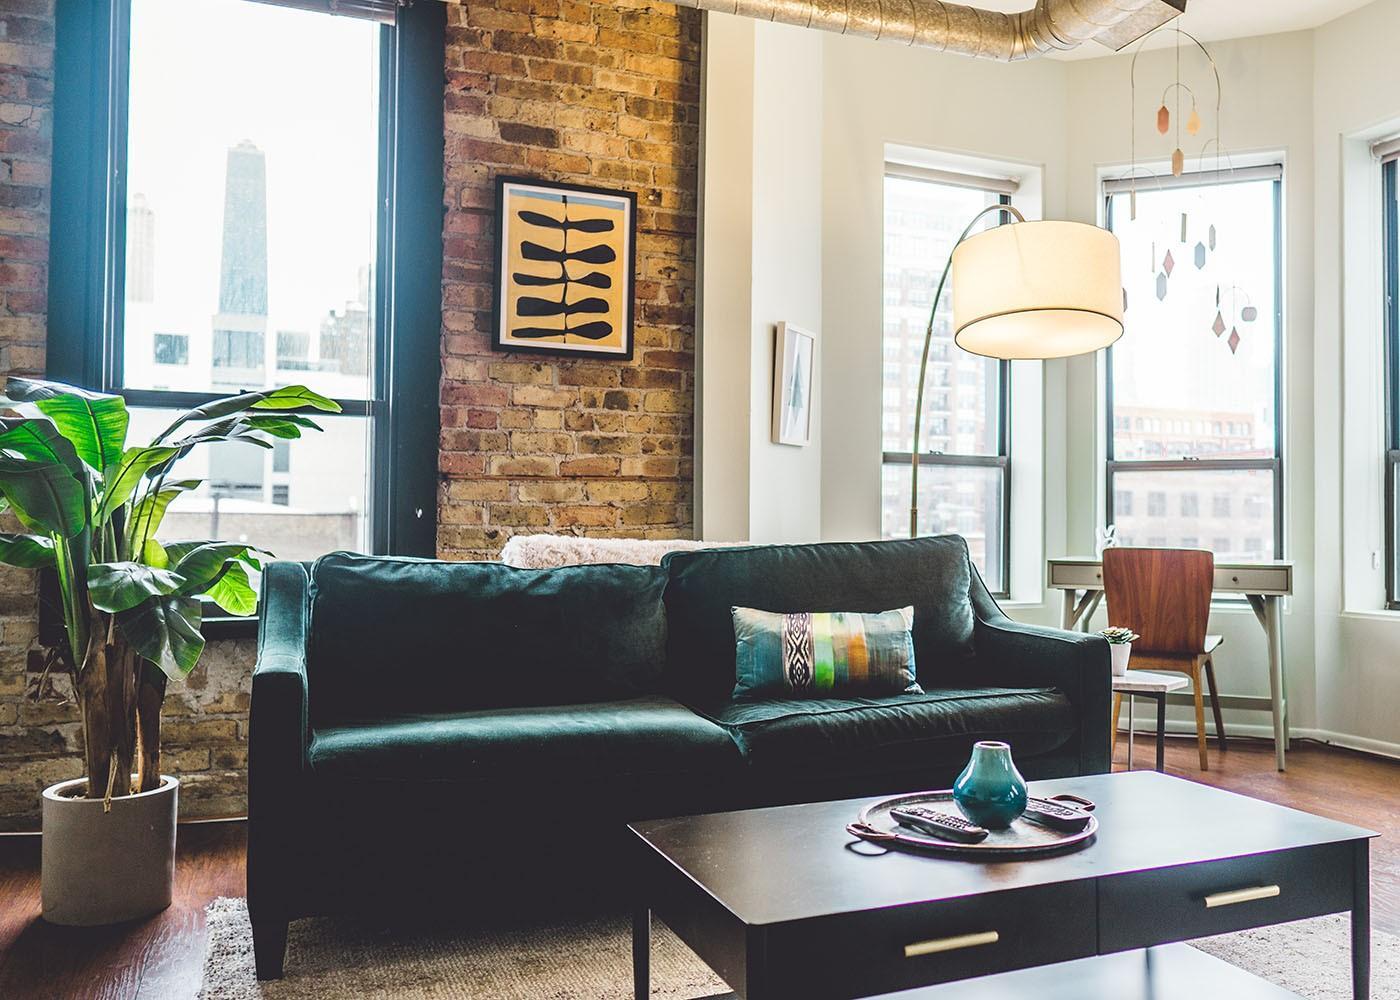 Le marché immobilier pourrait se diriger vers un déclin en 2021. Le moment est-il venu d'acheter ou de continuer à louer? Thumbnail